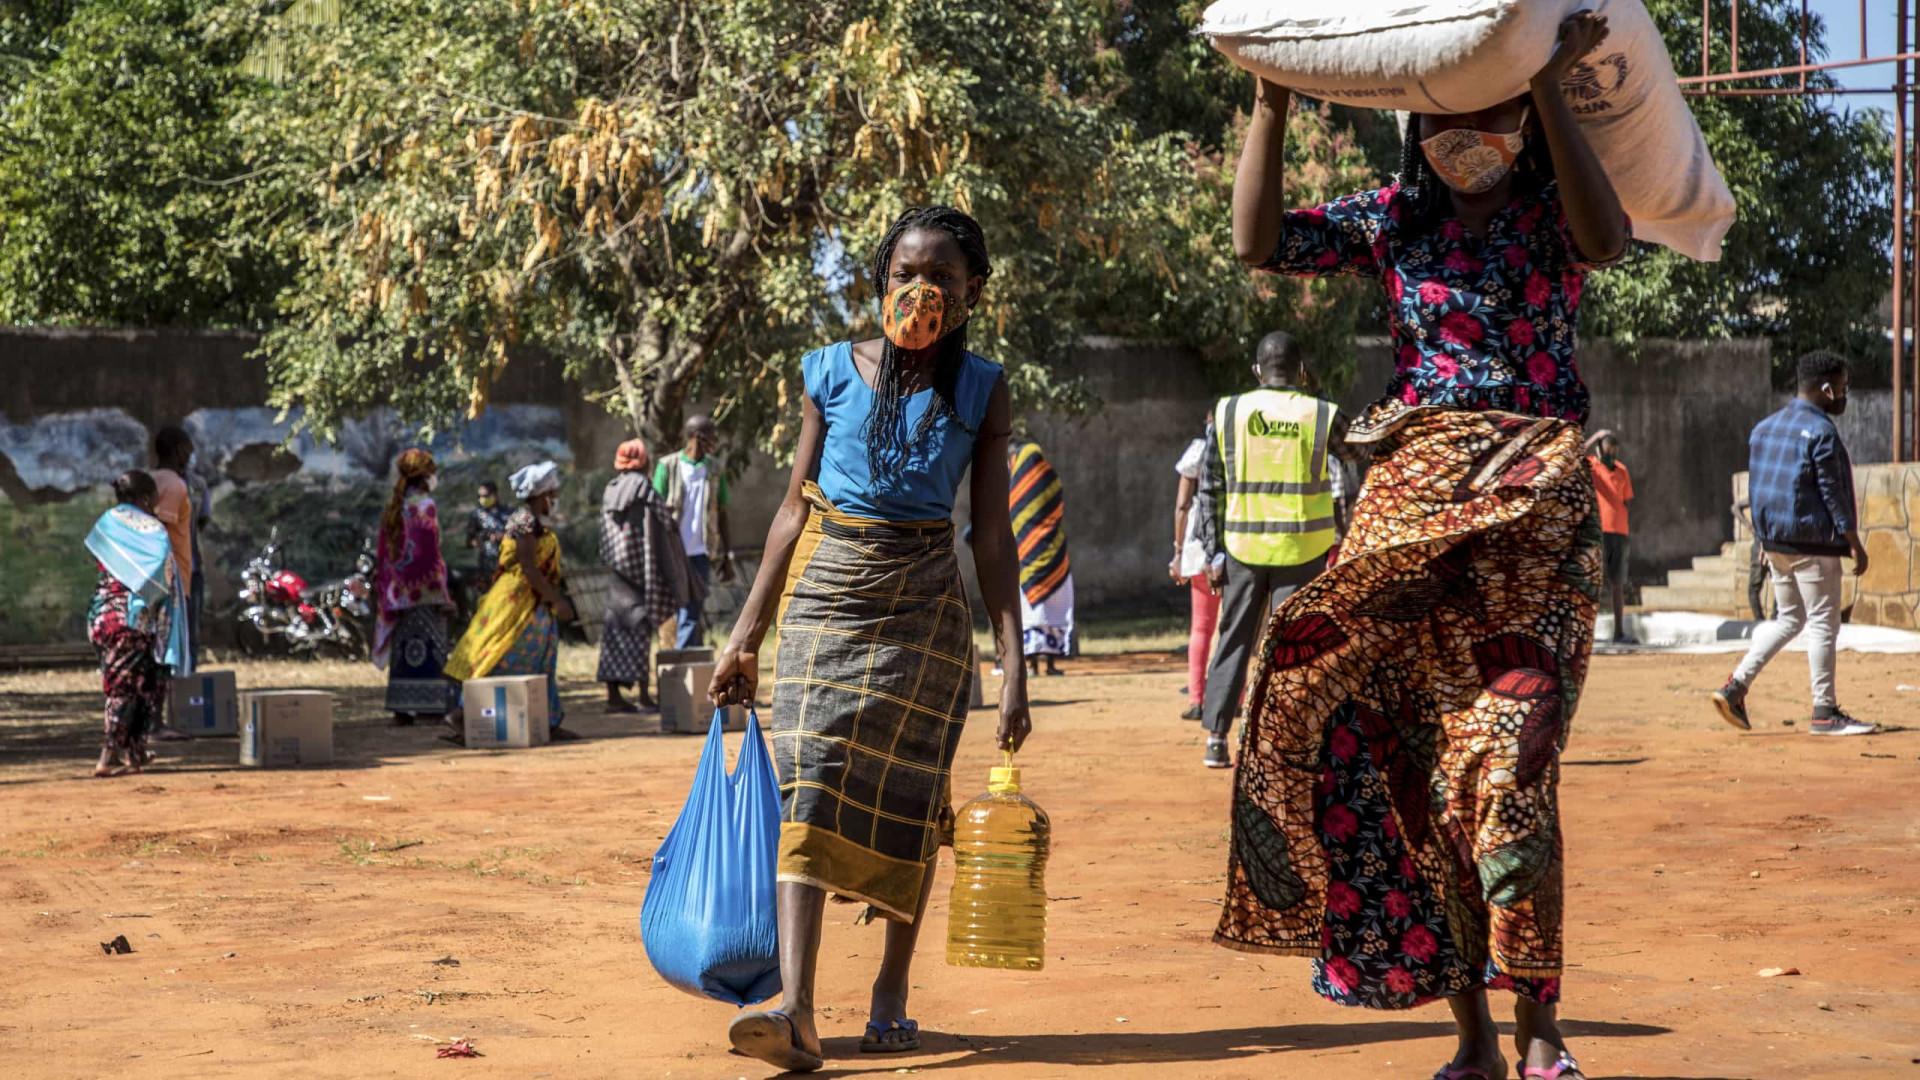 Moçambique. Um terço do orçamento do ACNUR está por financiar